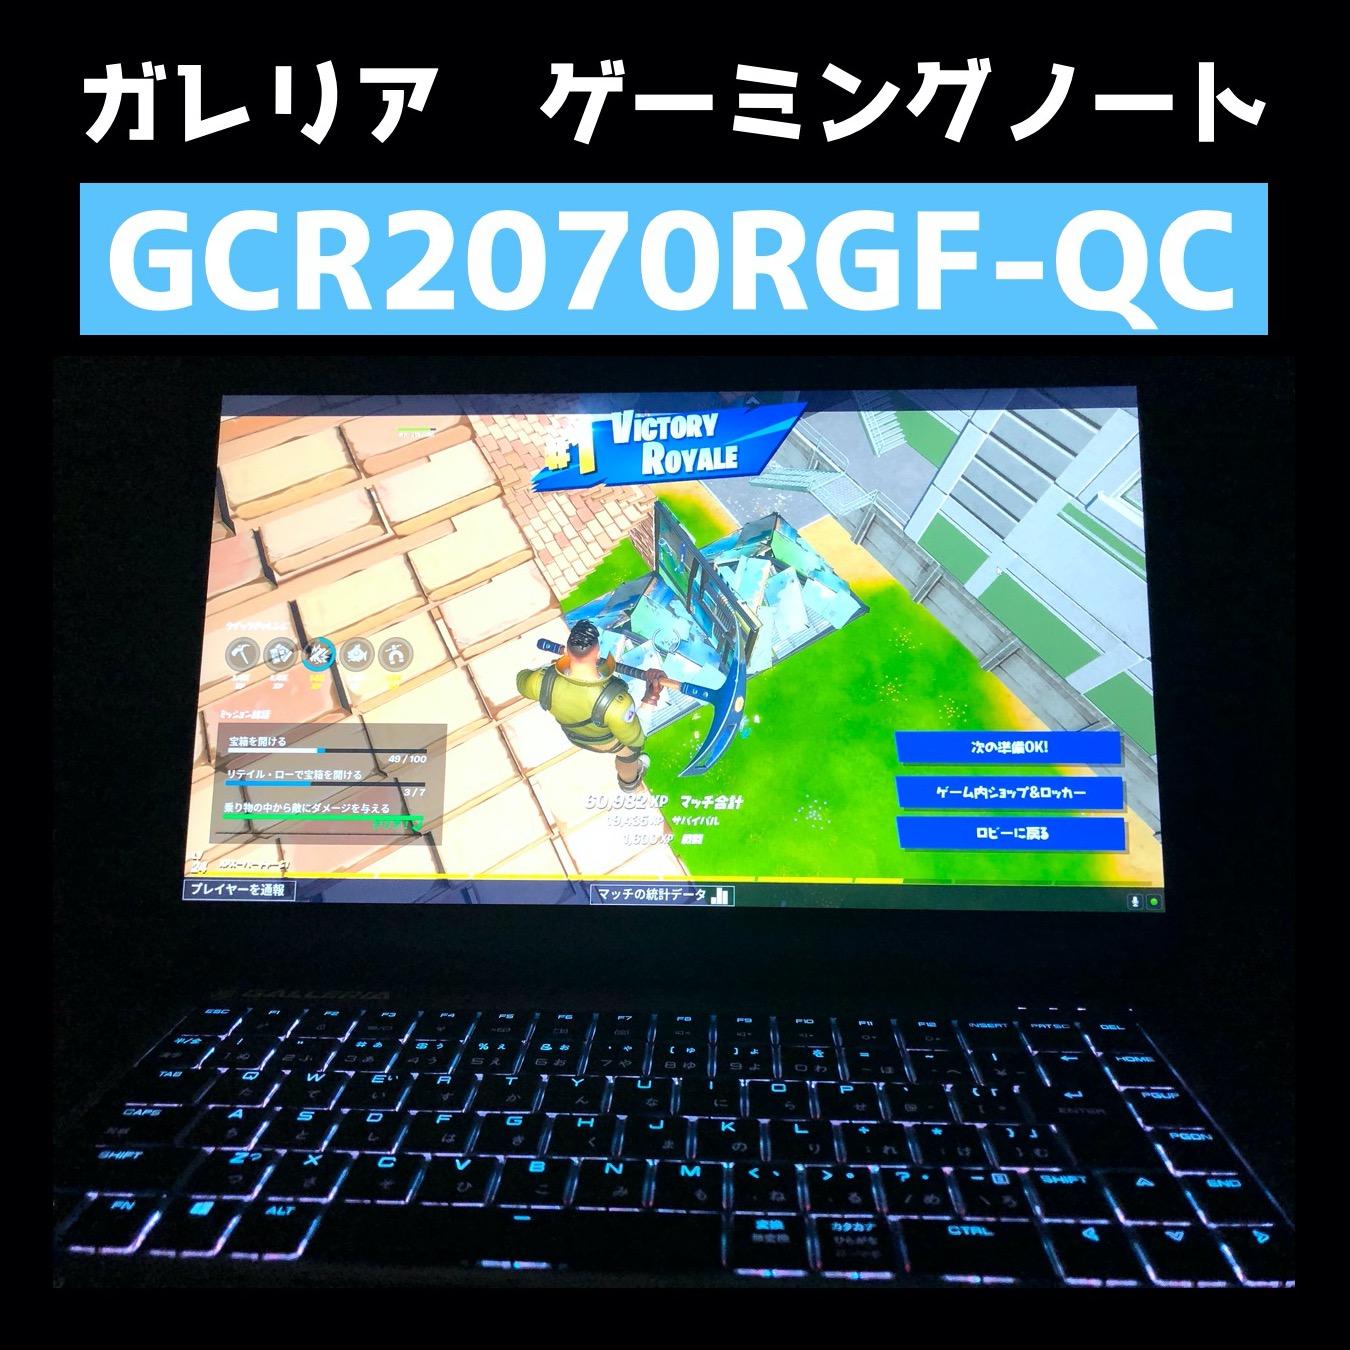 GCR2070RGF-QCの評価は?出先でフォートナイト&動画編集